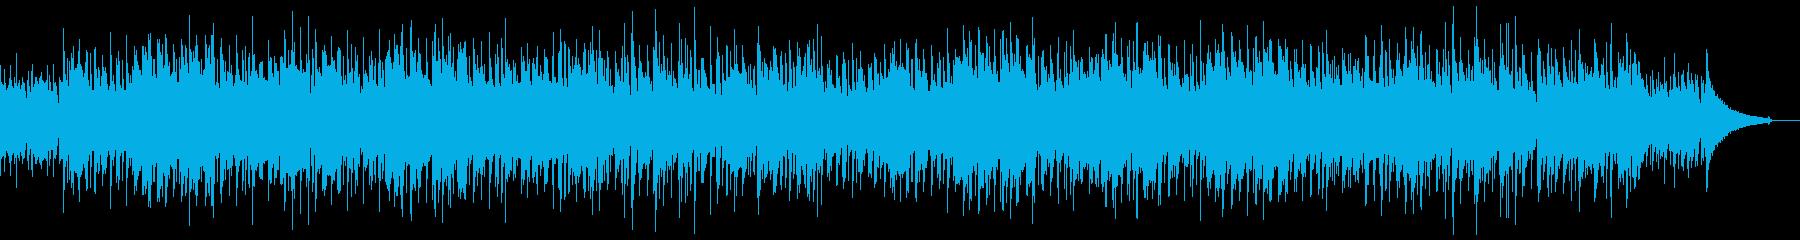 コーヒーブレイクに合うボサノバBGMの再生済みの波形